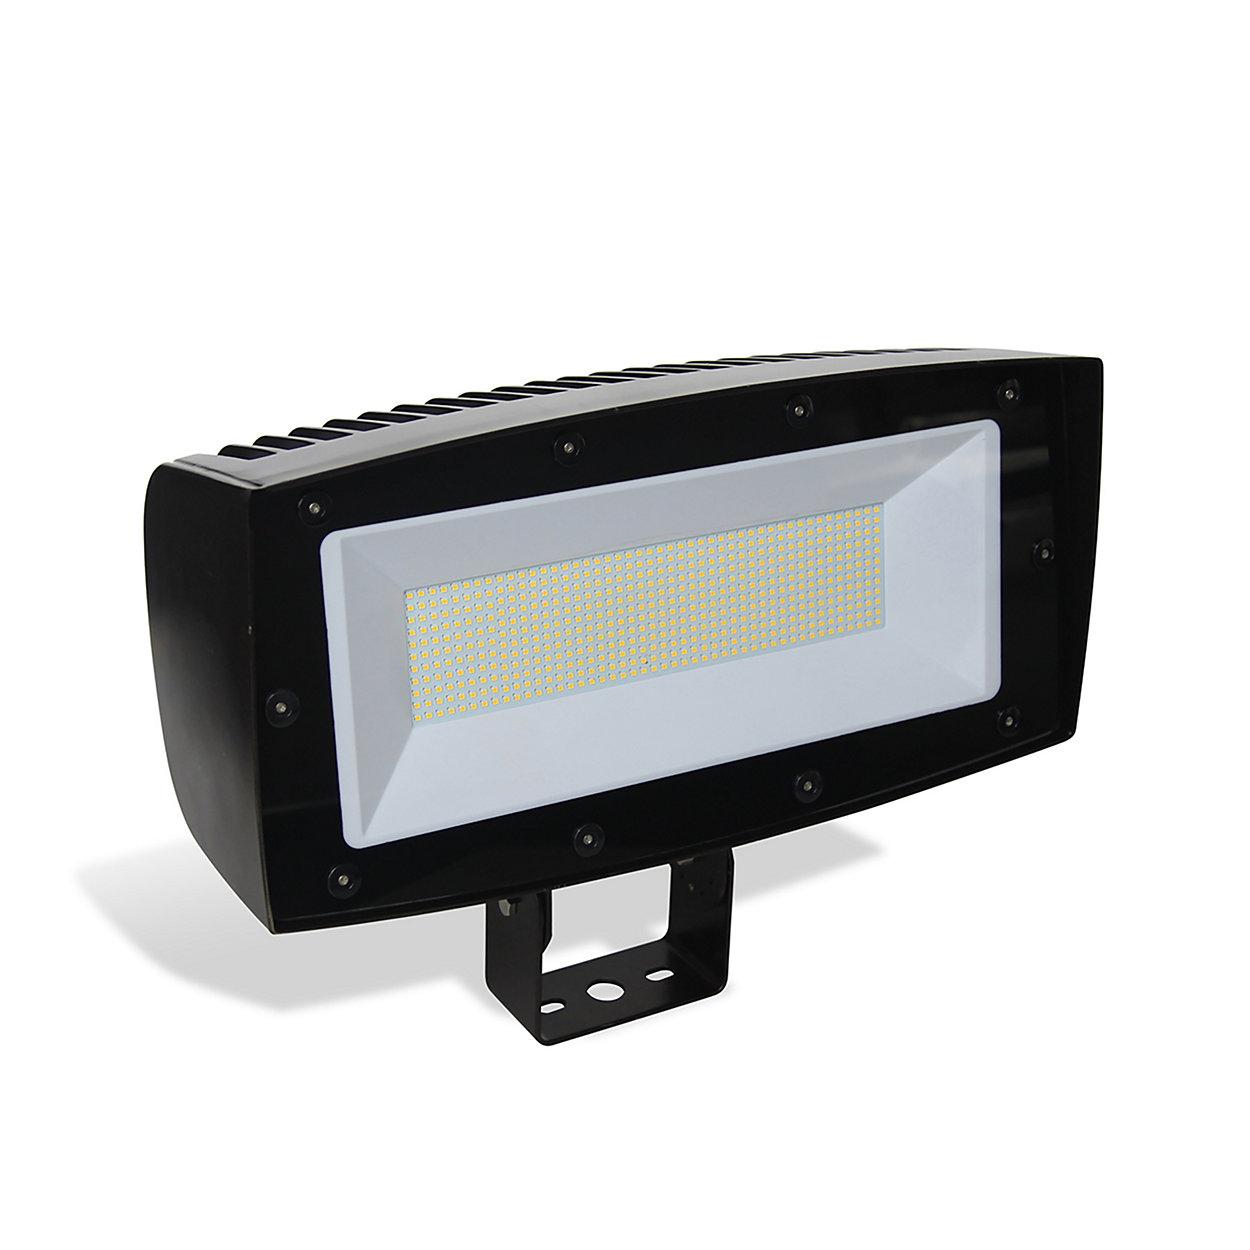 Projecteurs d'illumination DEL à usages multiples - polyvalence et performance à valeur élevée